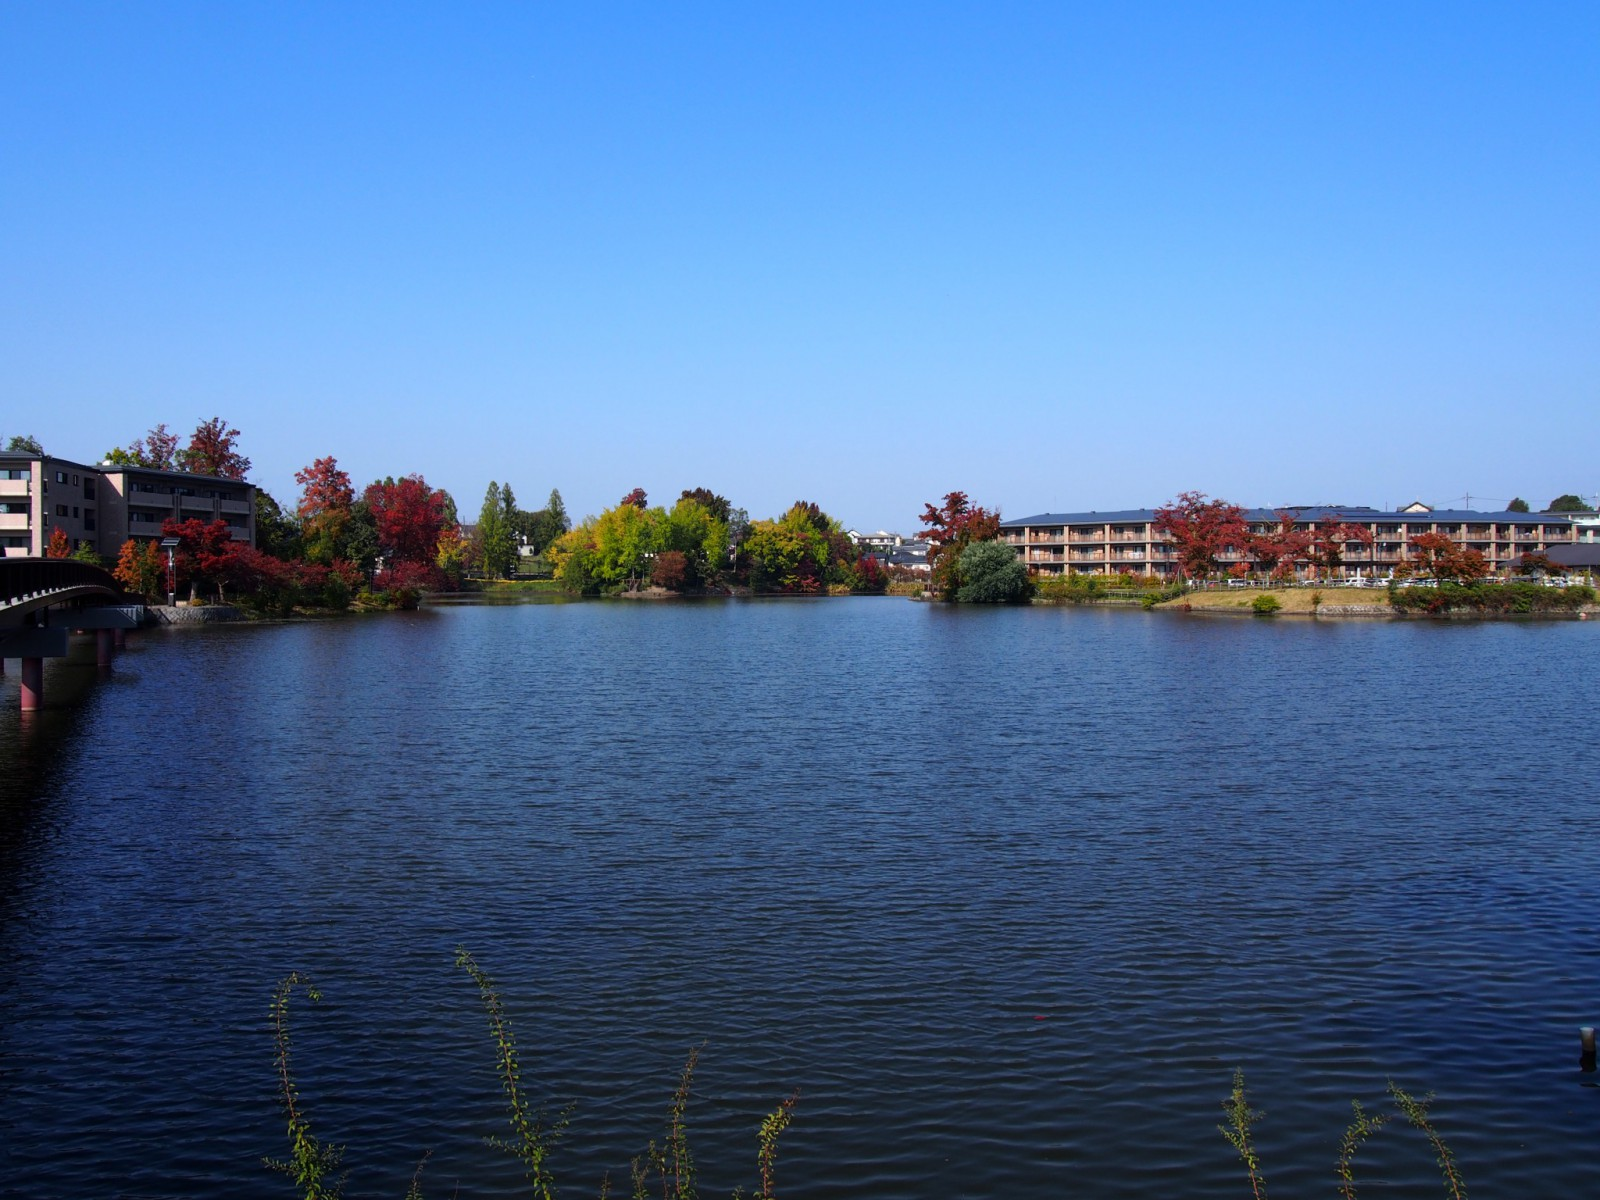 菖蒲池(菖蒲上池)